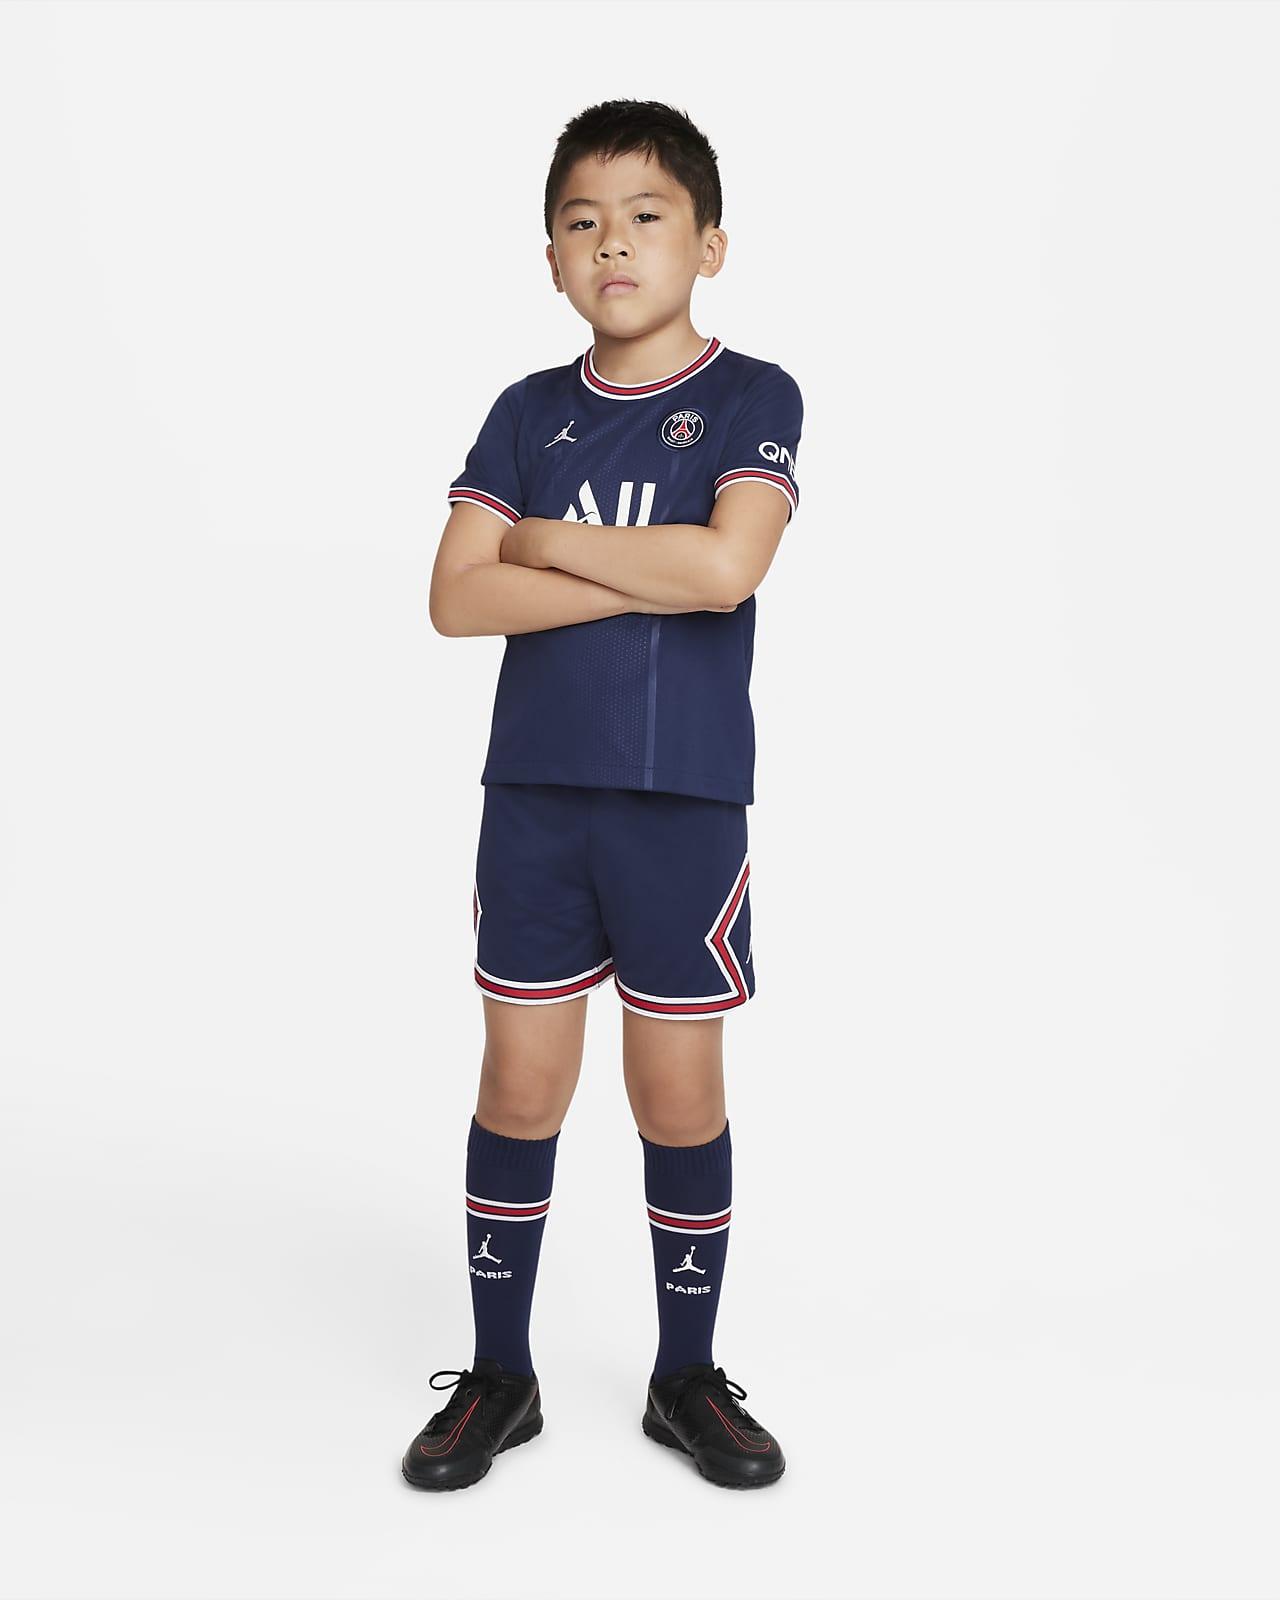 Tenue de football Paris Saint-Germain 2021/22 Domicile pour Jeune enfant